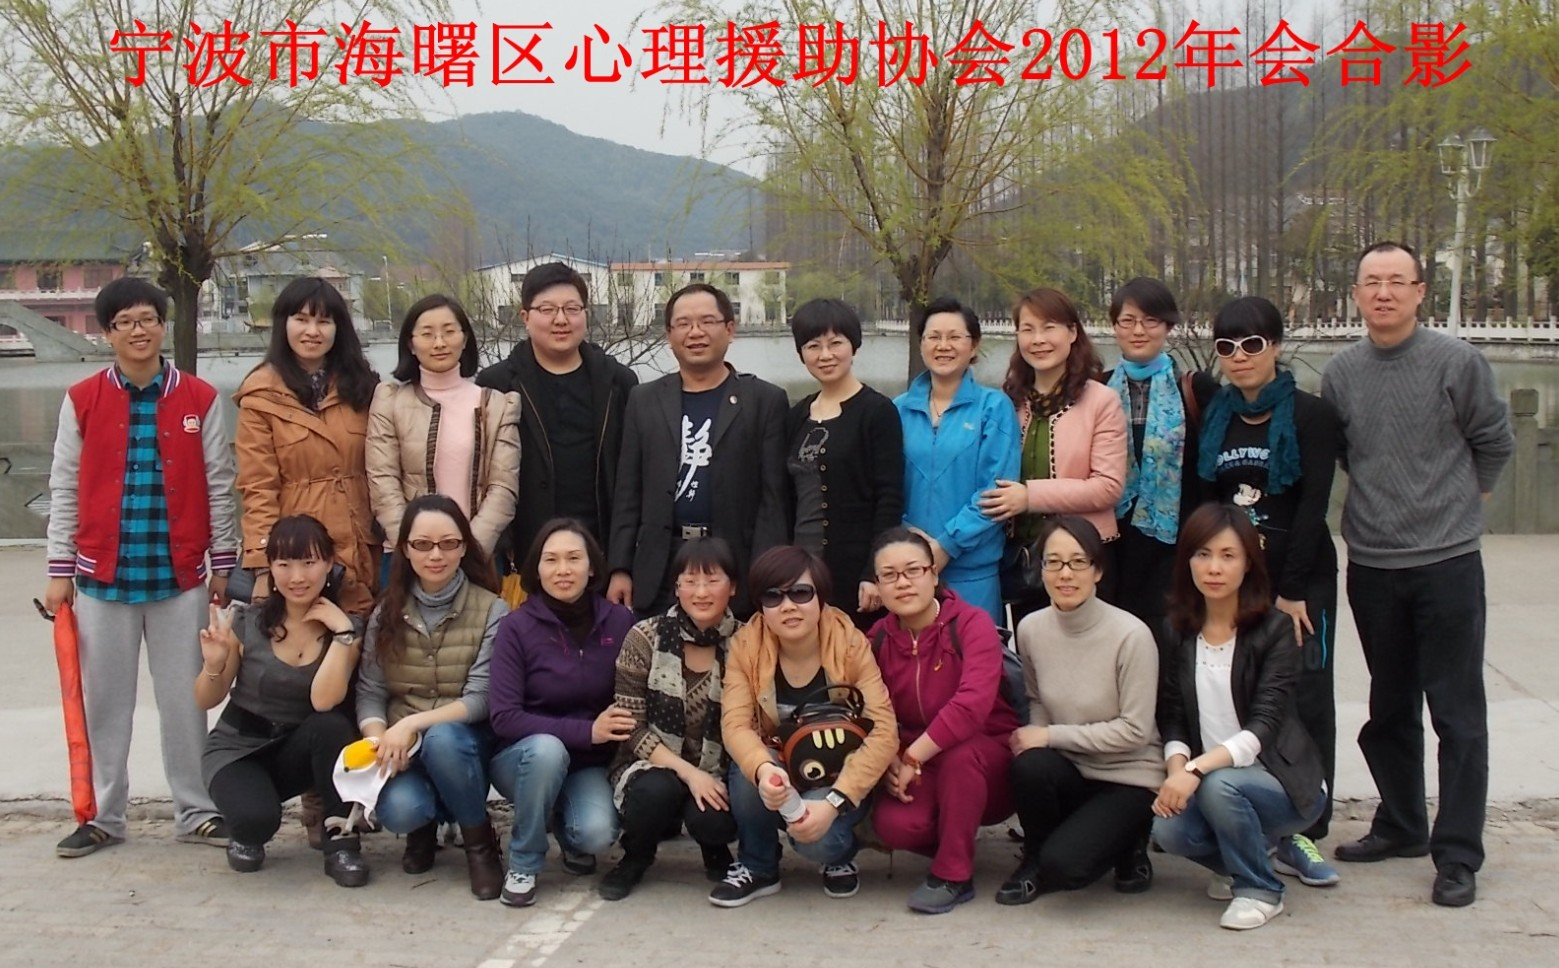 海曙心理援助协会2012年会留影